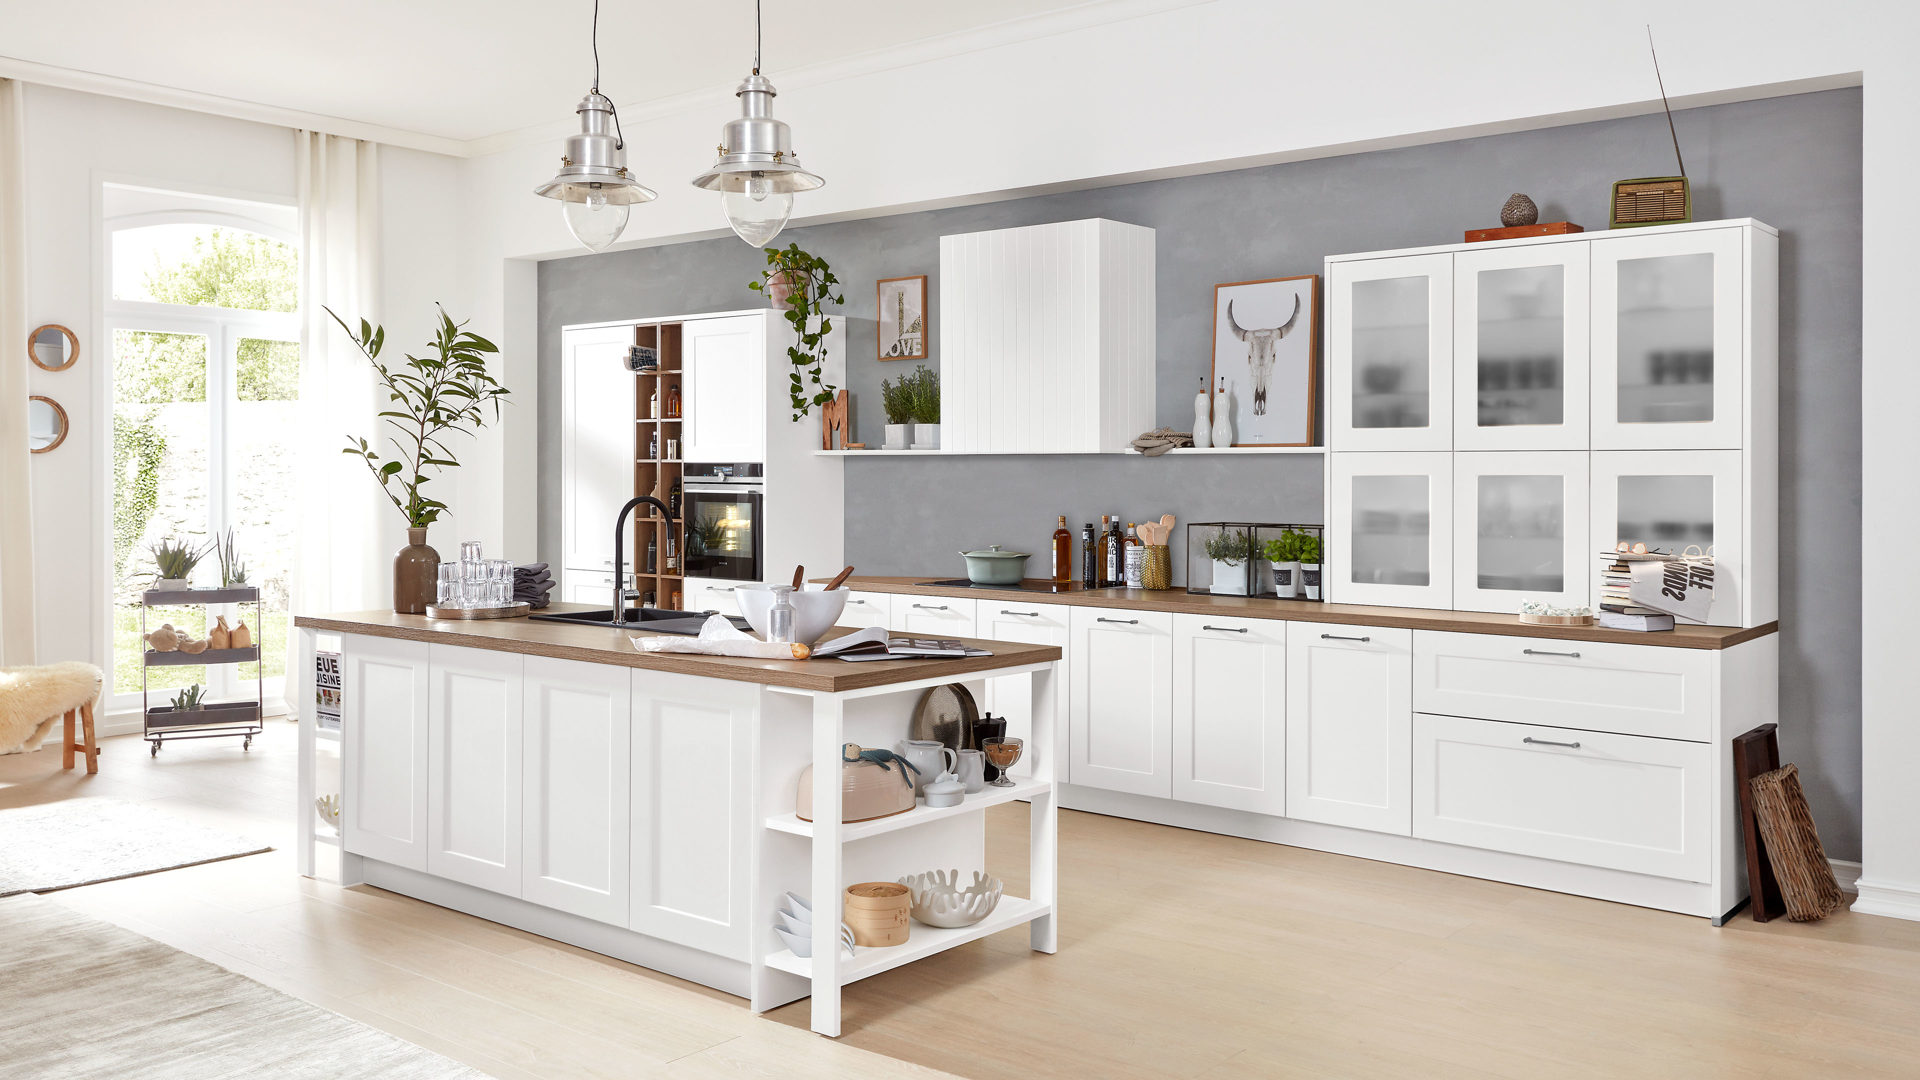 Interliving Küche Serie 3002 mit SIEMENS Einbaugeräten, weiße &,